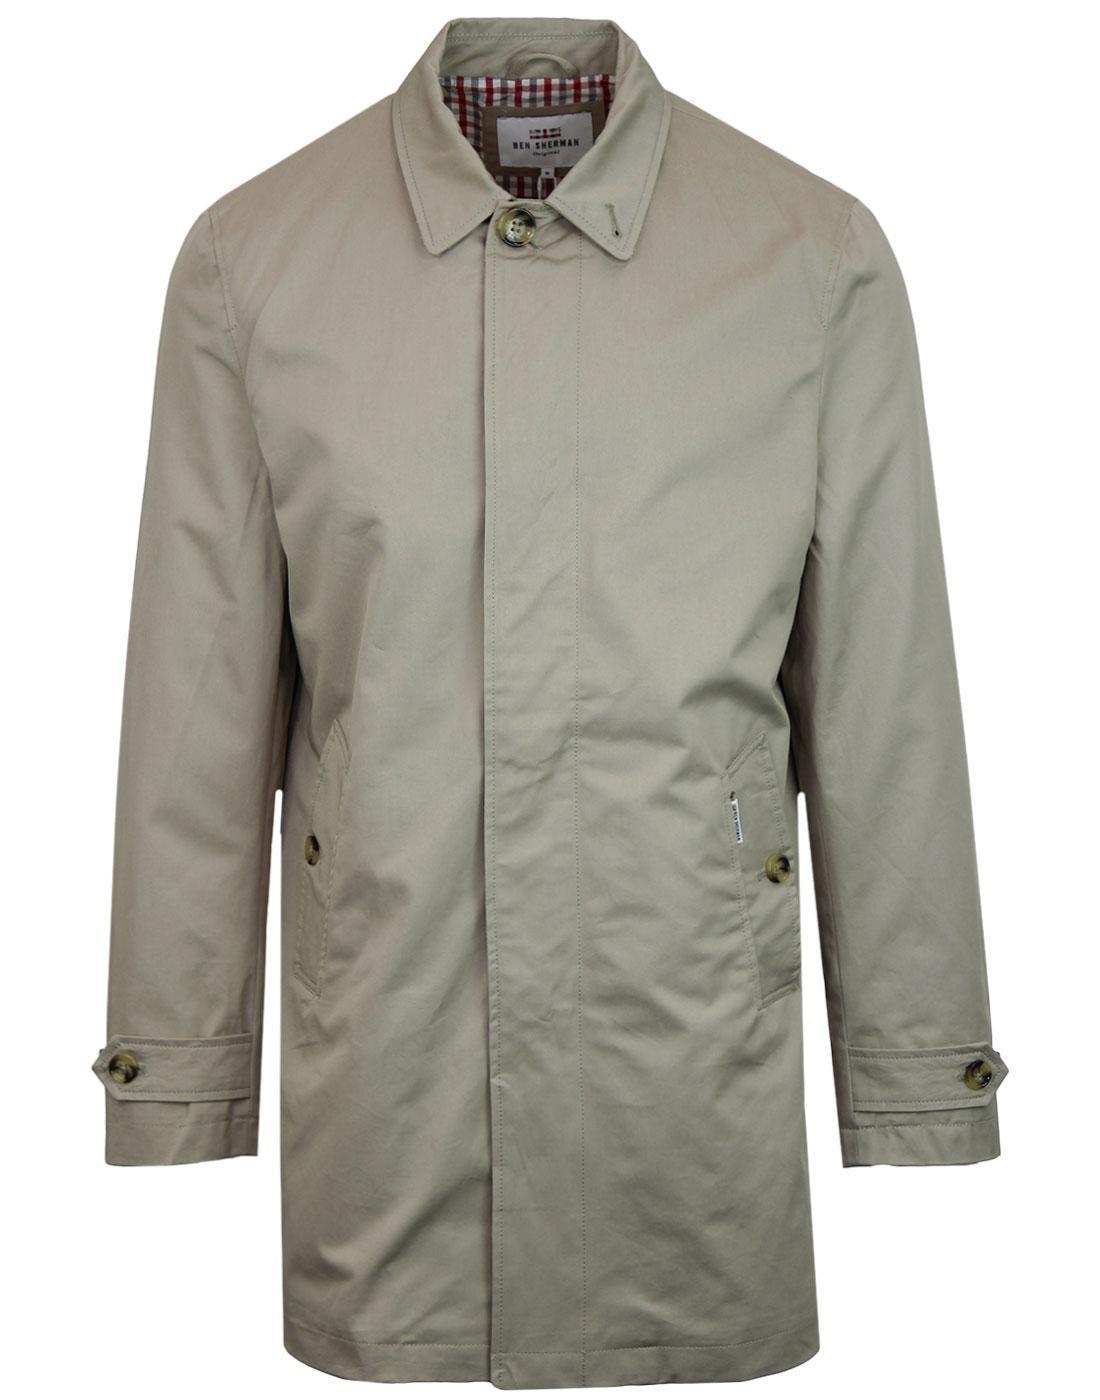 BEN SHERMAN Retro Mod Cotton Mac Jacket STONE